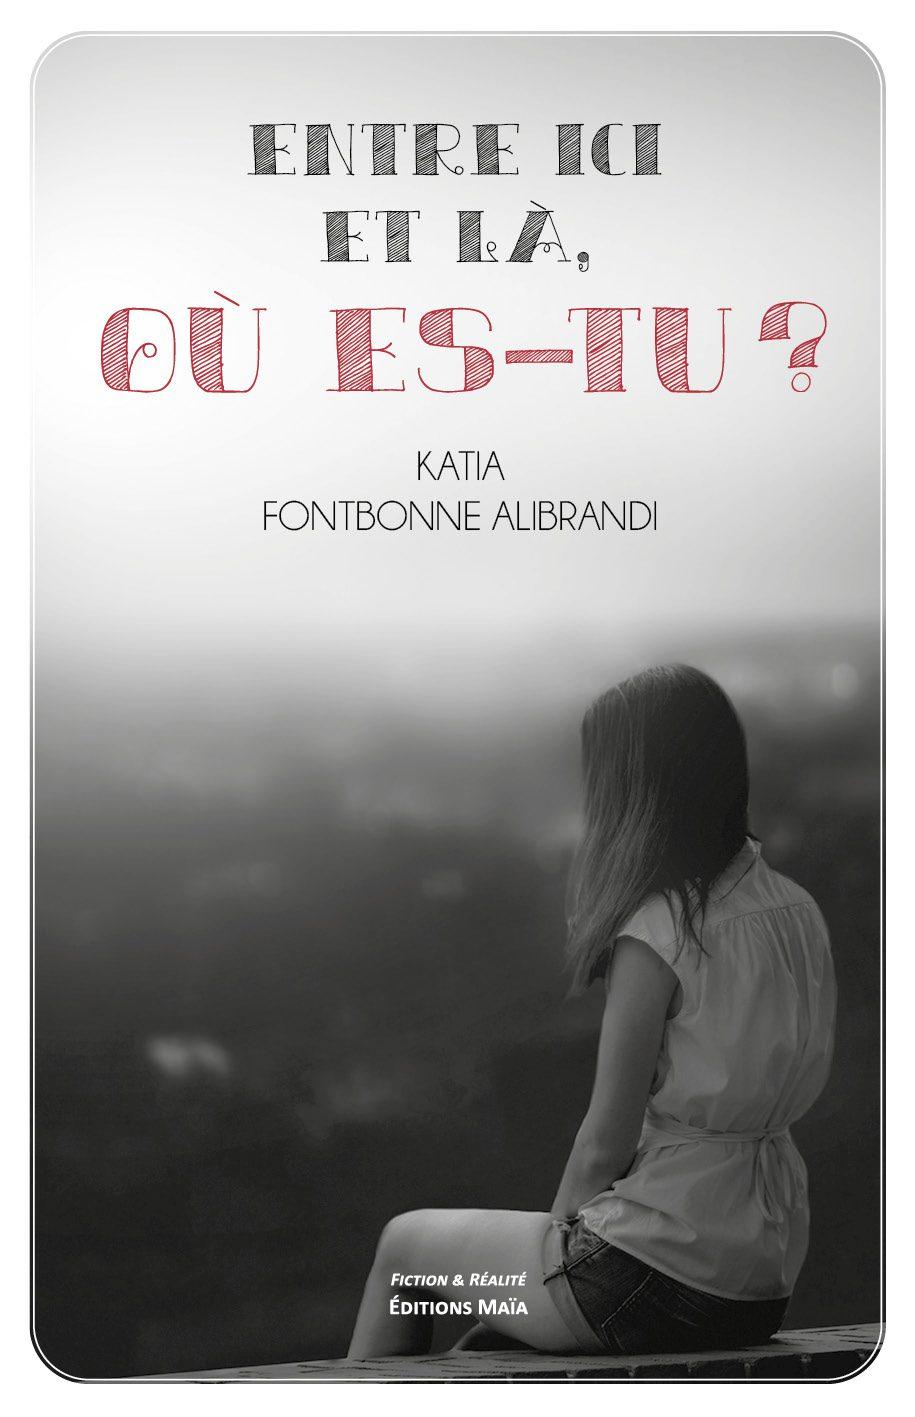 Entretien avec Katia Fontbonne Alibrandi – Entre ici et là, où es-tu ?